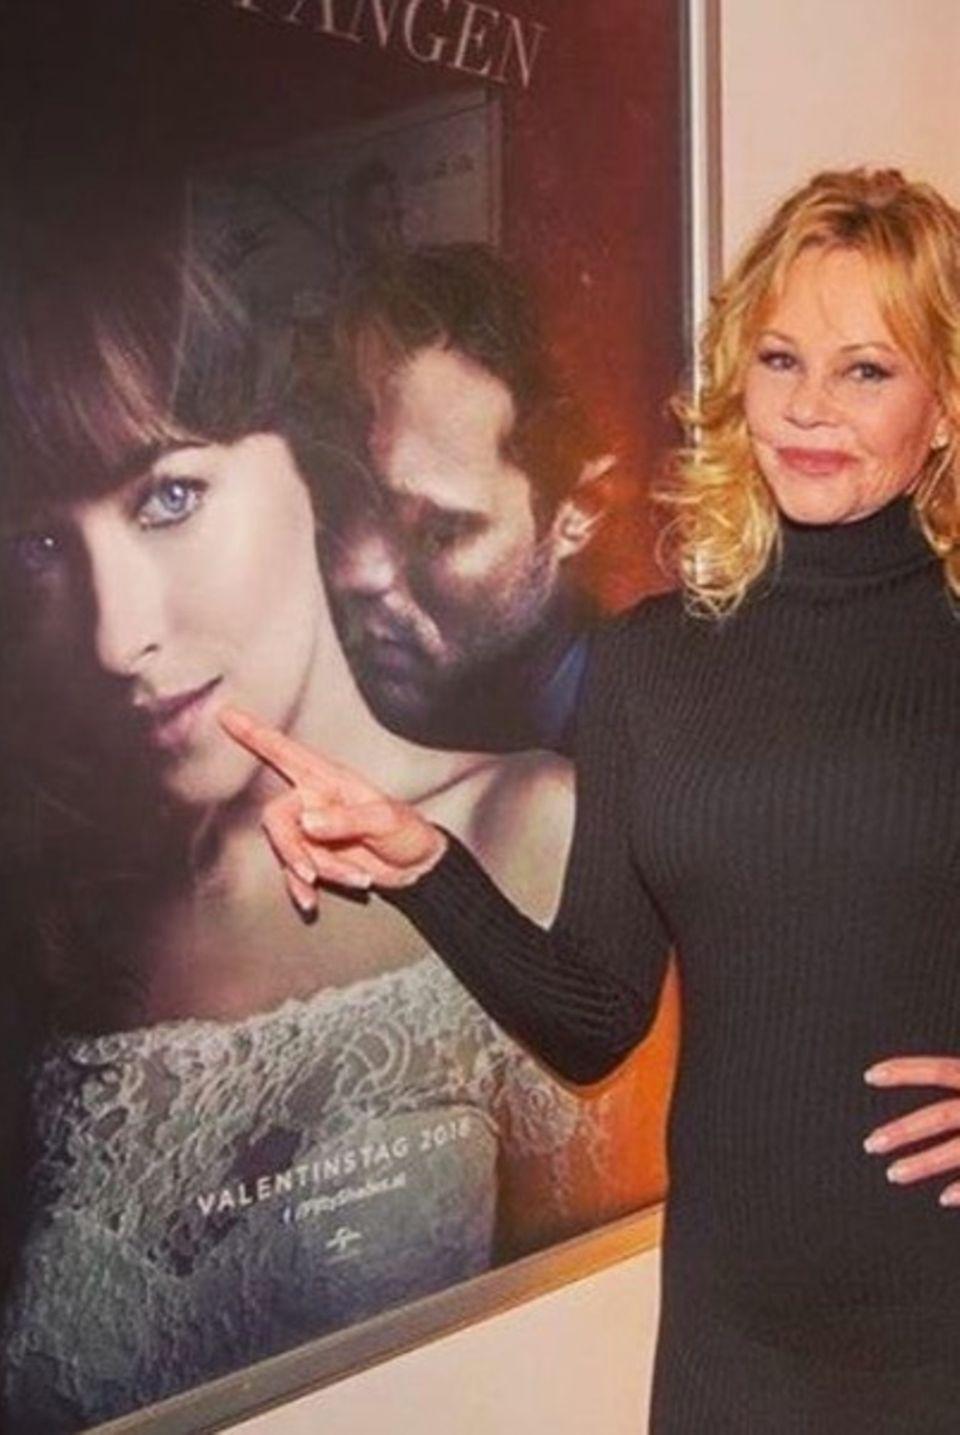 """""""Sie ist so schön"""", postet Melanie Griffith stolz. Die Schauspielerin zeigt auf das Filmplakat ihrer Tochter Dakota Johnson, die die Hauptrolle im Film """"Fifty Shades of Grey – Gefährliche Liebe"""" spielt."""